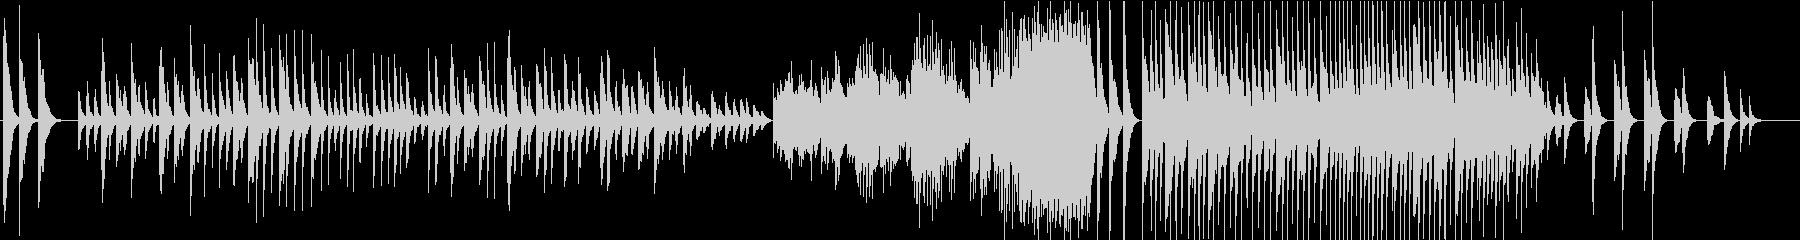 鐘/ラフマニノフ・マリンバの未再生の波形